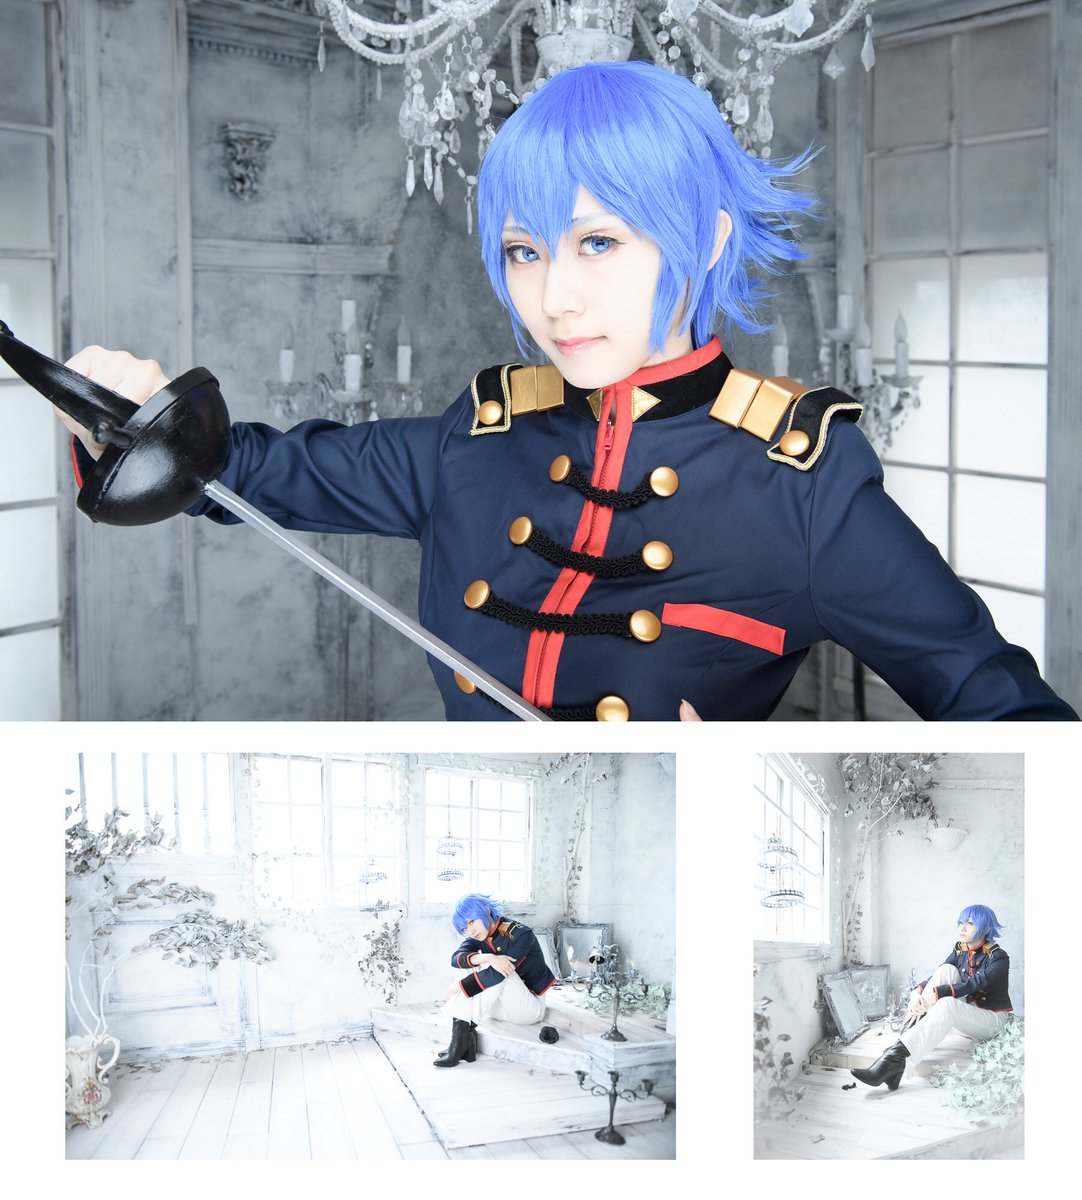 はい!ベルさんのありがたい画像!!ツイッターにあげやすいでしかし。 速報的にまずはぺた。  studio radour 撮影:Bellさん #GodoxUser_Japan #Prophoto